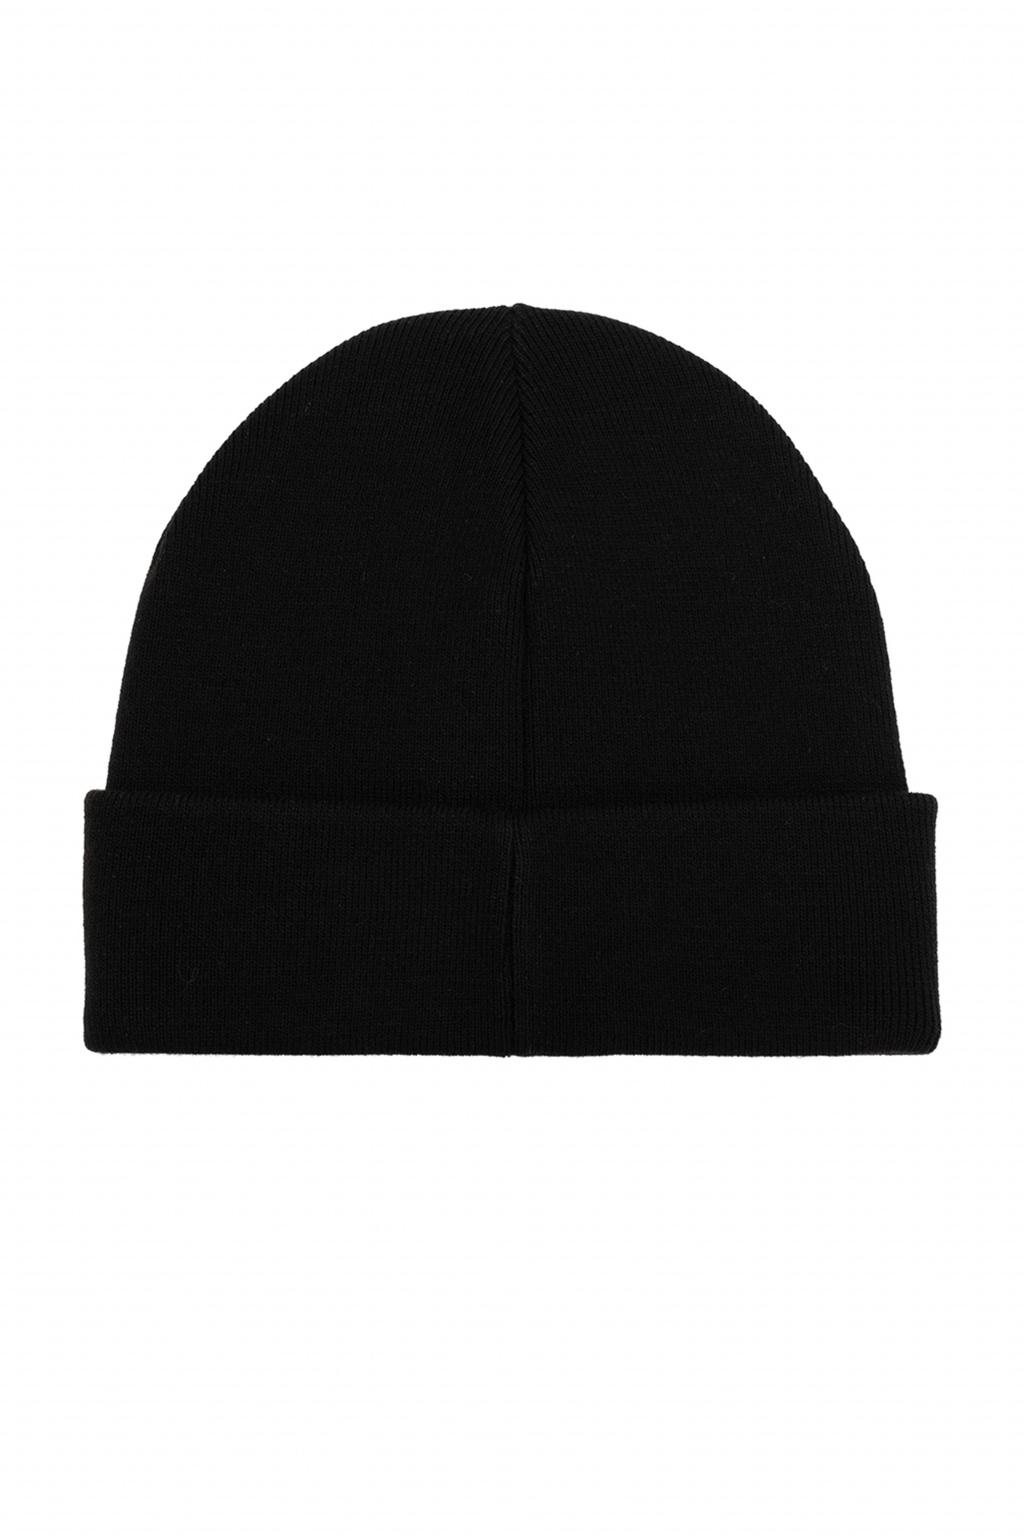 EA7 Emporio Armani Hat with logo